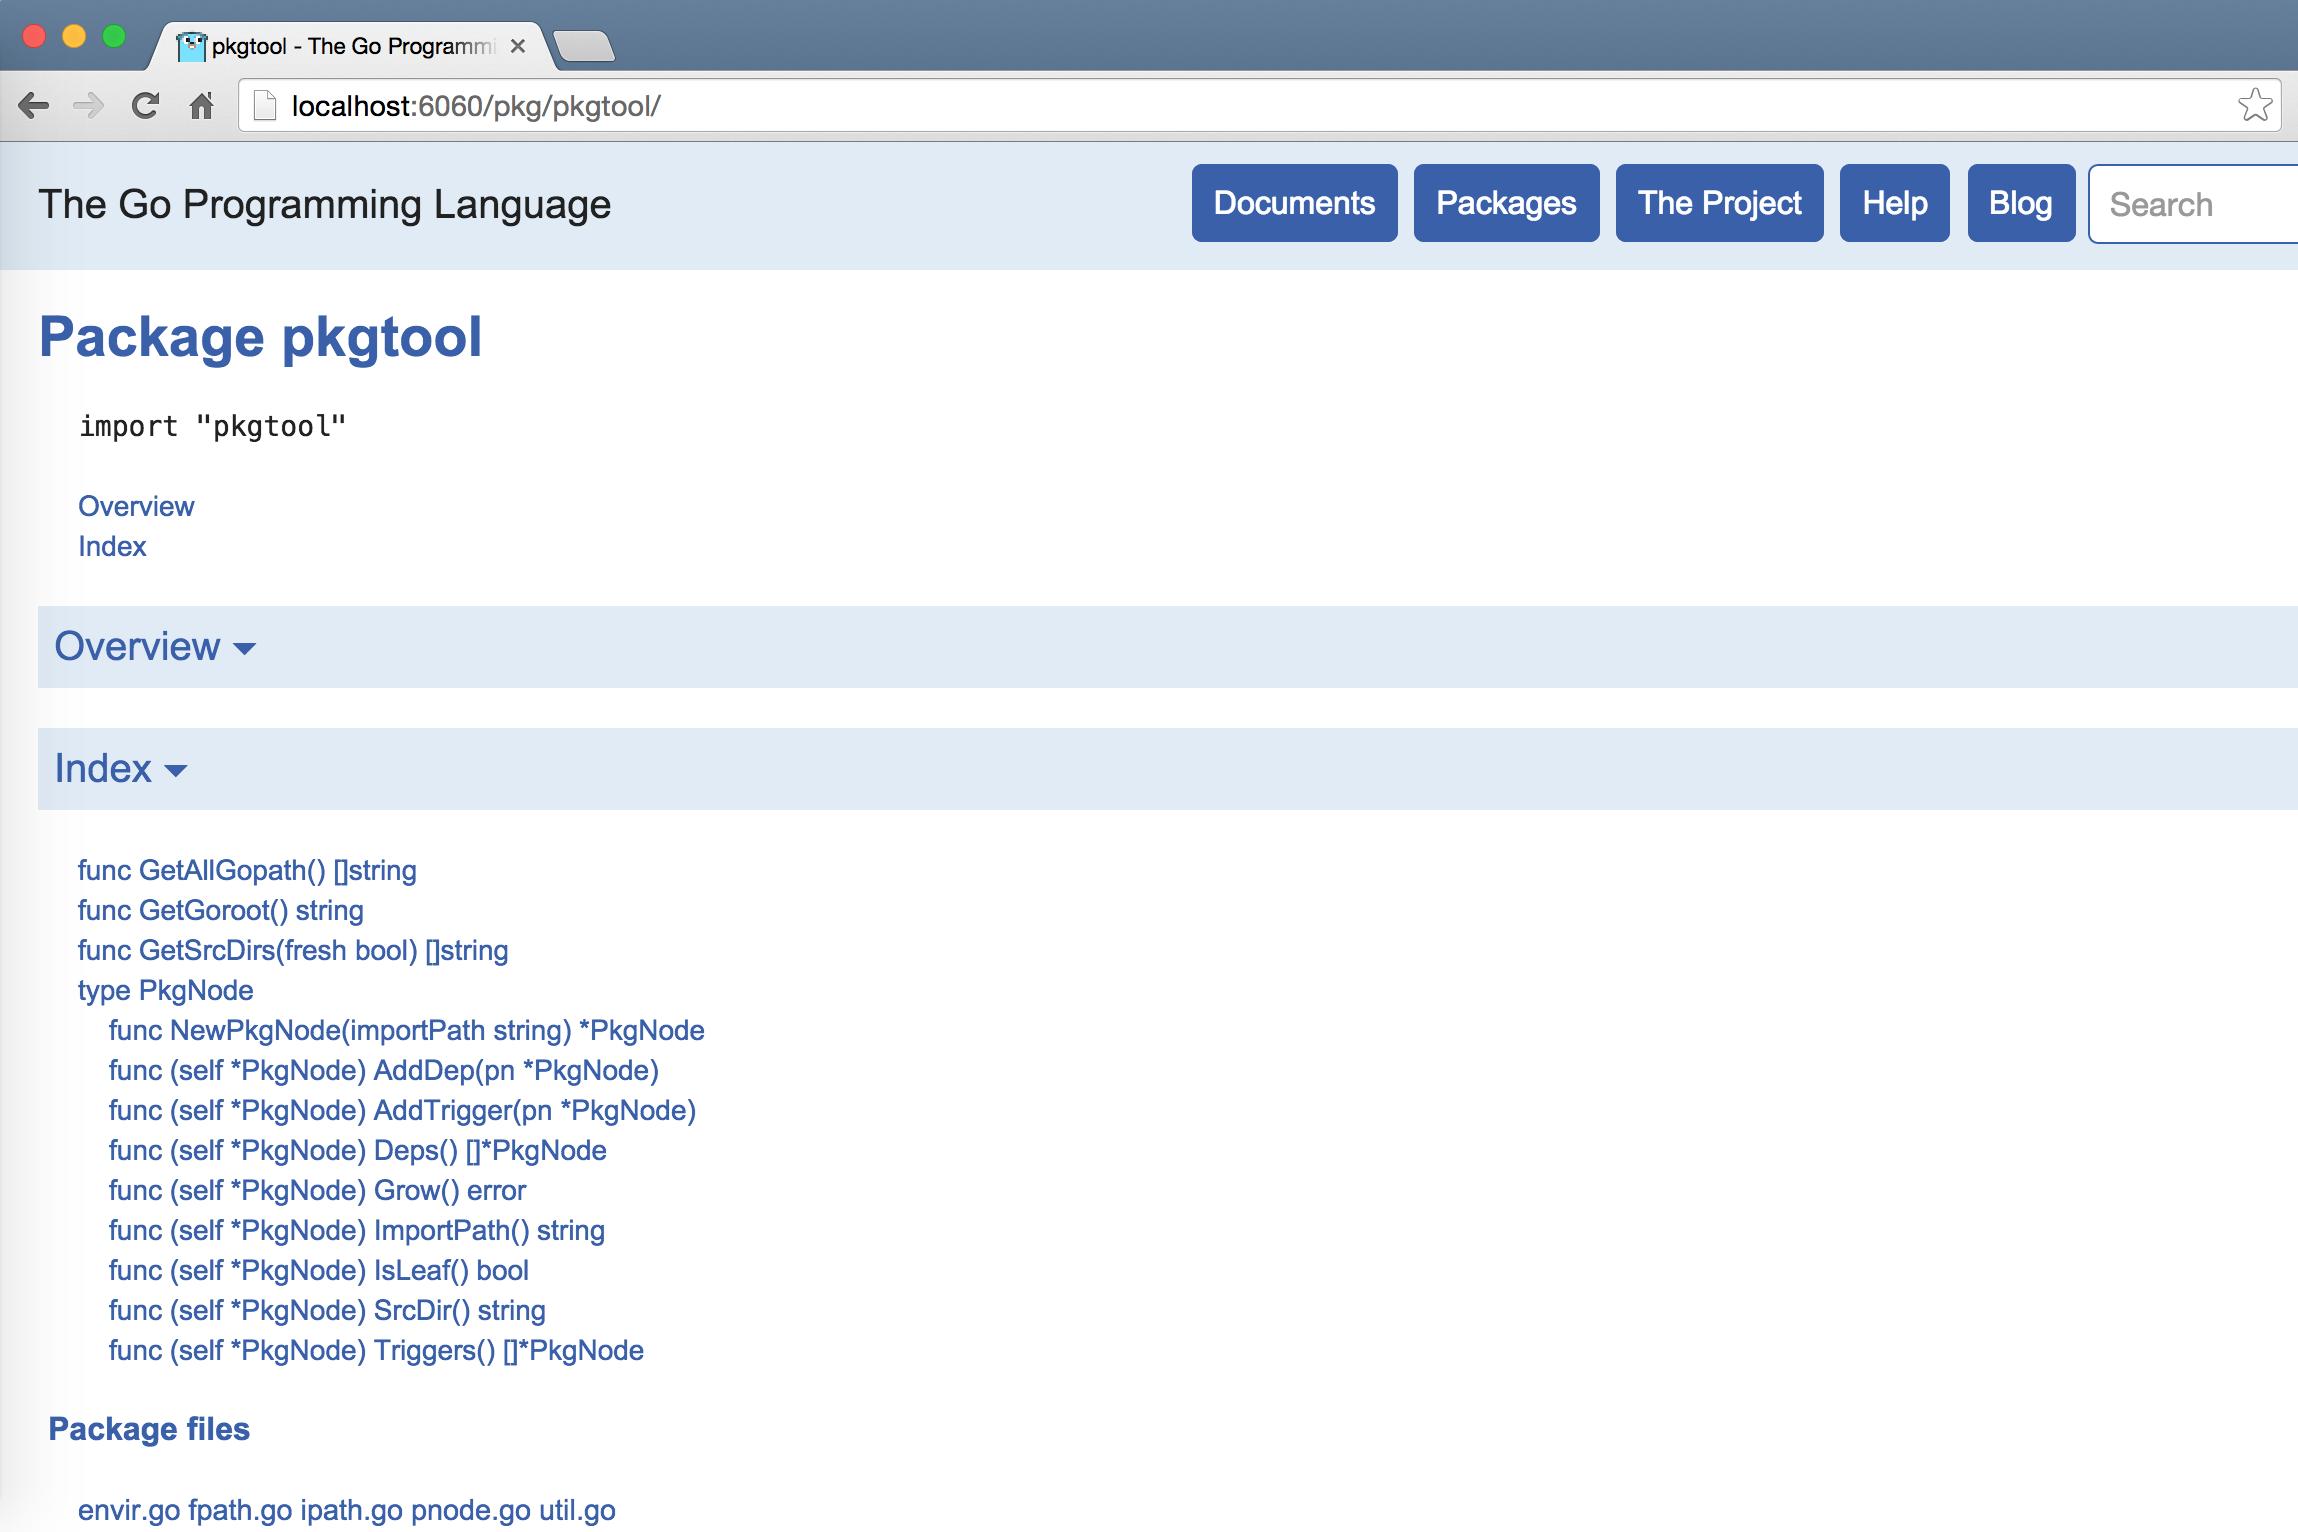 goc2p项目中的pkgtool包的Go文档页面